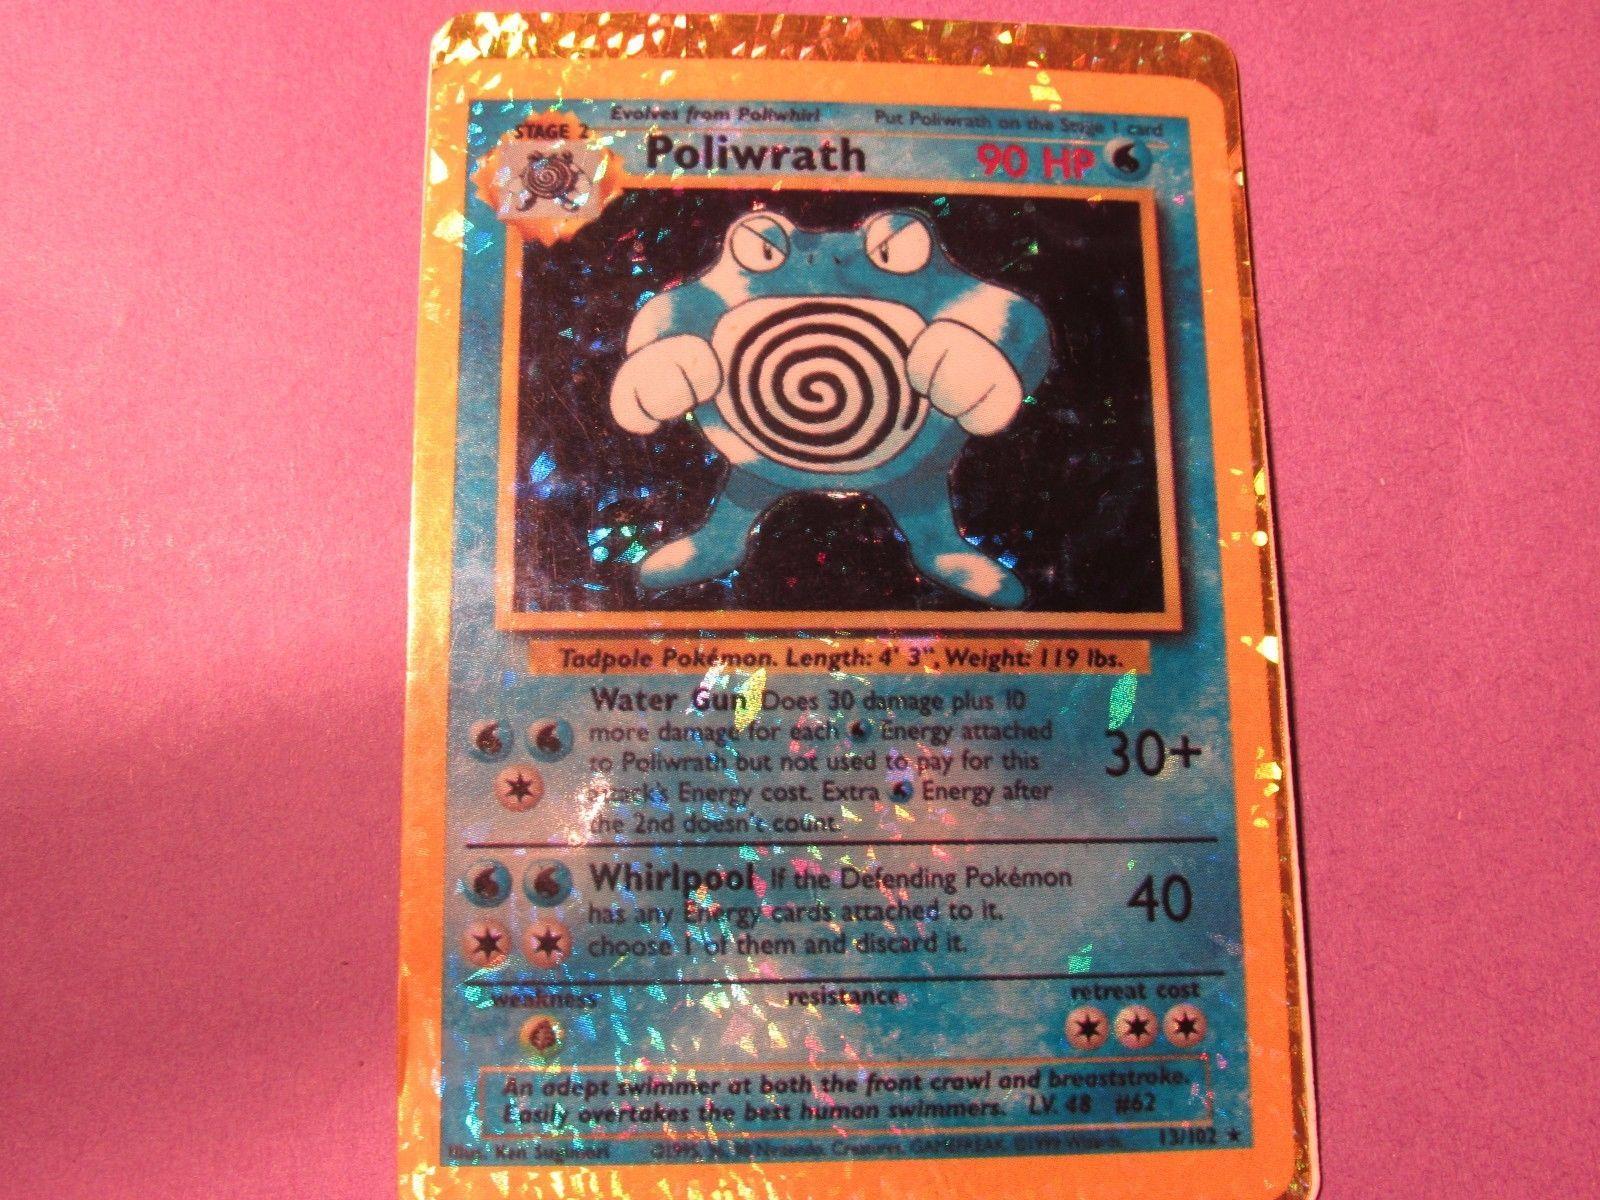 Pokemon RARE POKEMON Poliwrath 90 HP 13 102 SPARKLE Design HOLO SHINY